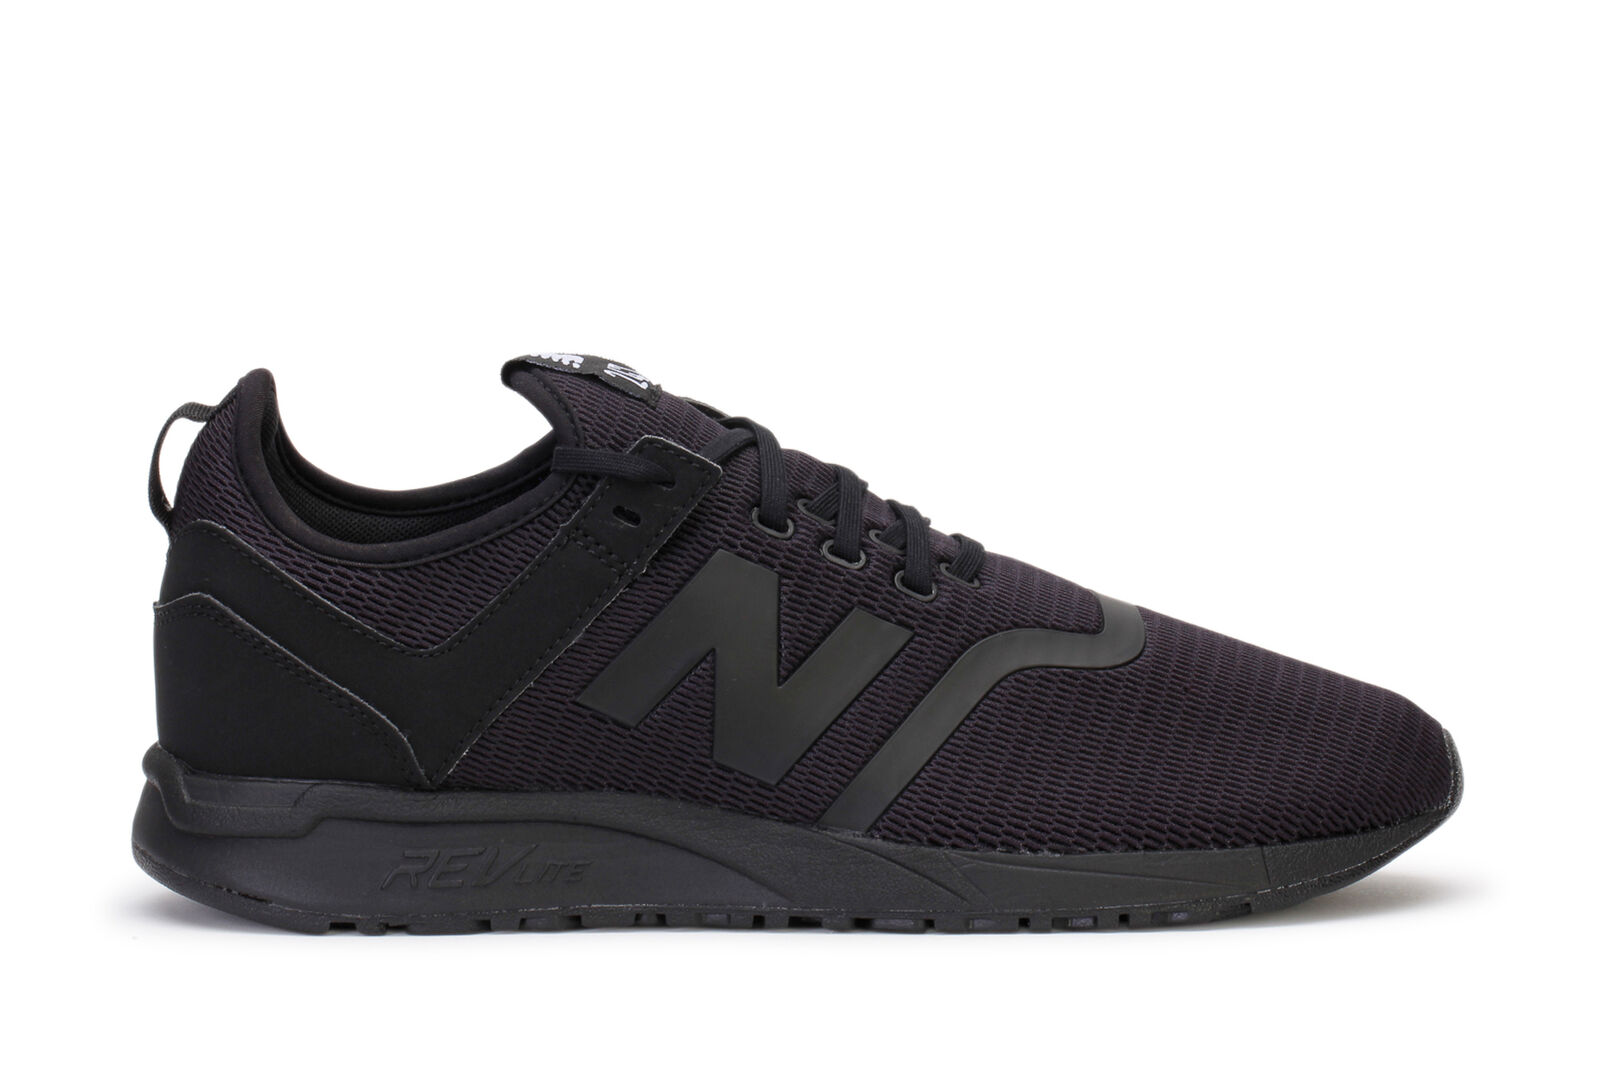 New Balance Men's Lifestyle Sneakers 247 Decon Black Black MRL247DA